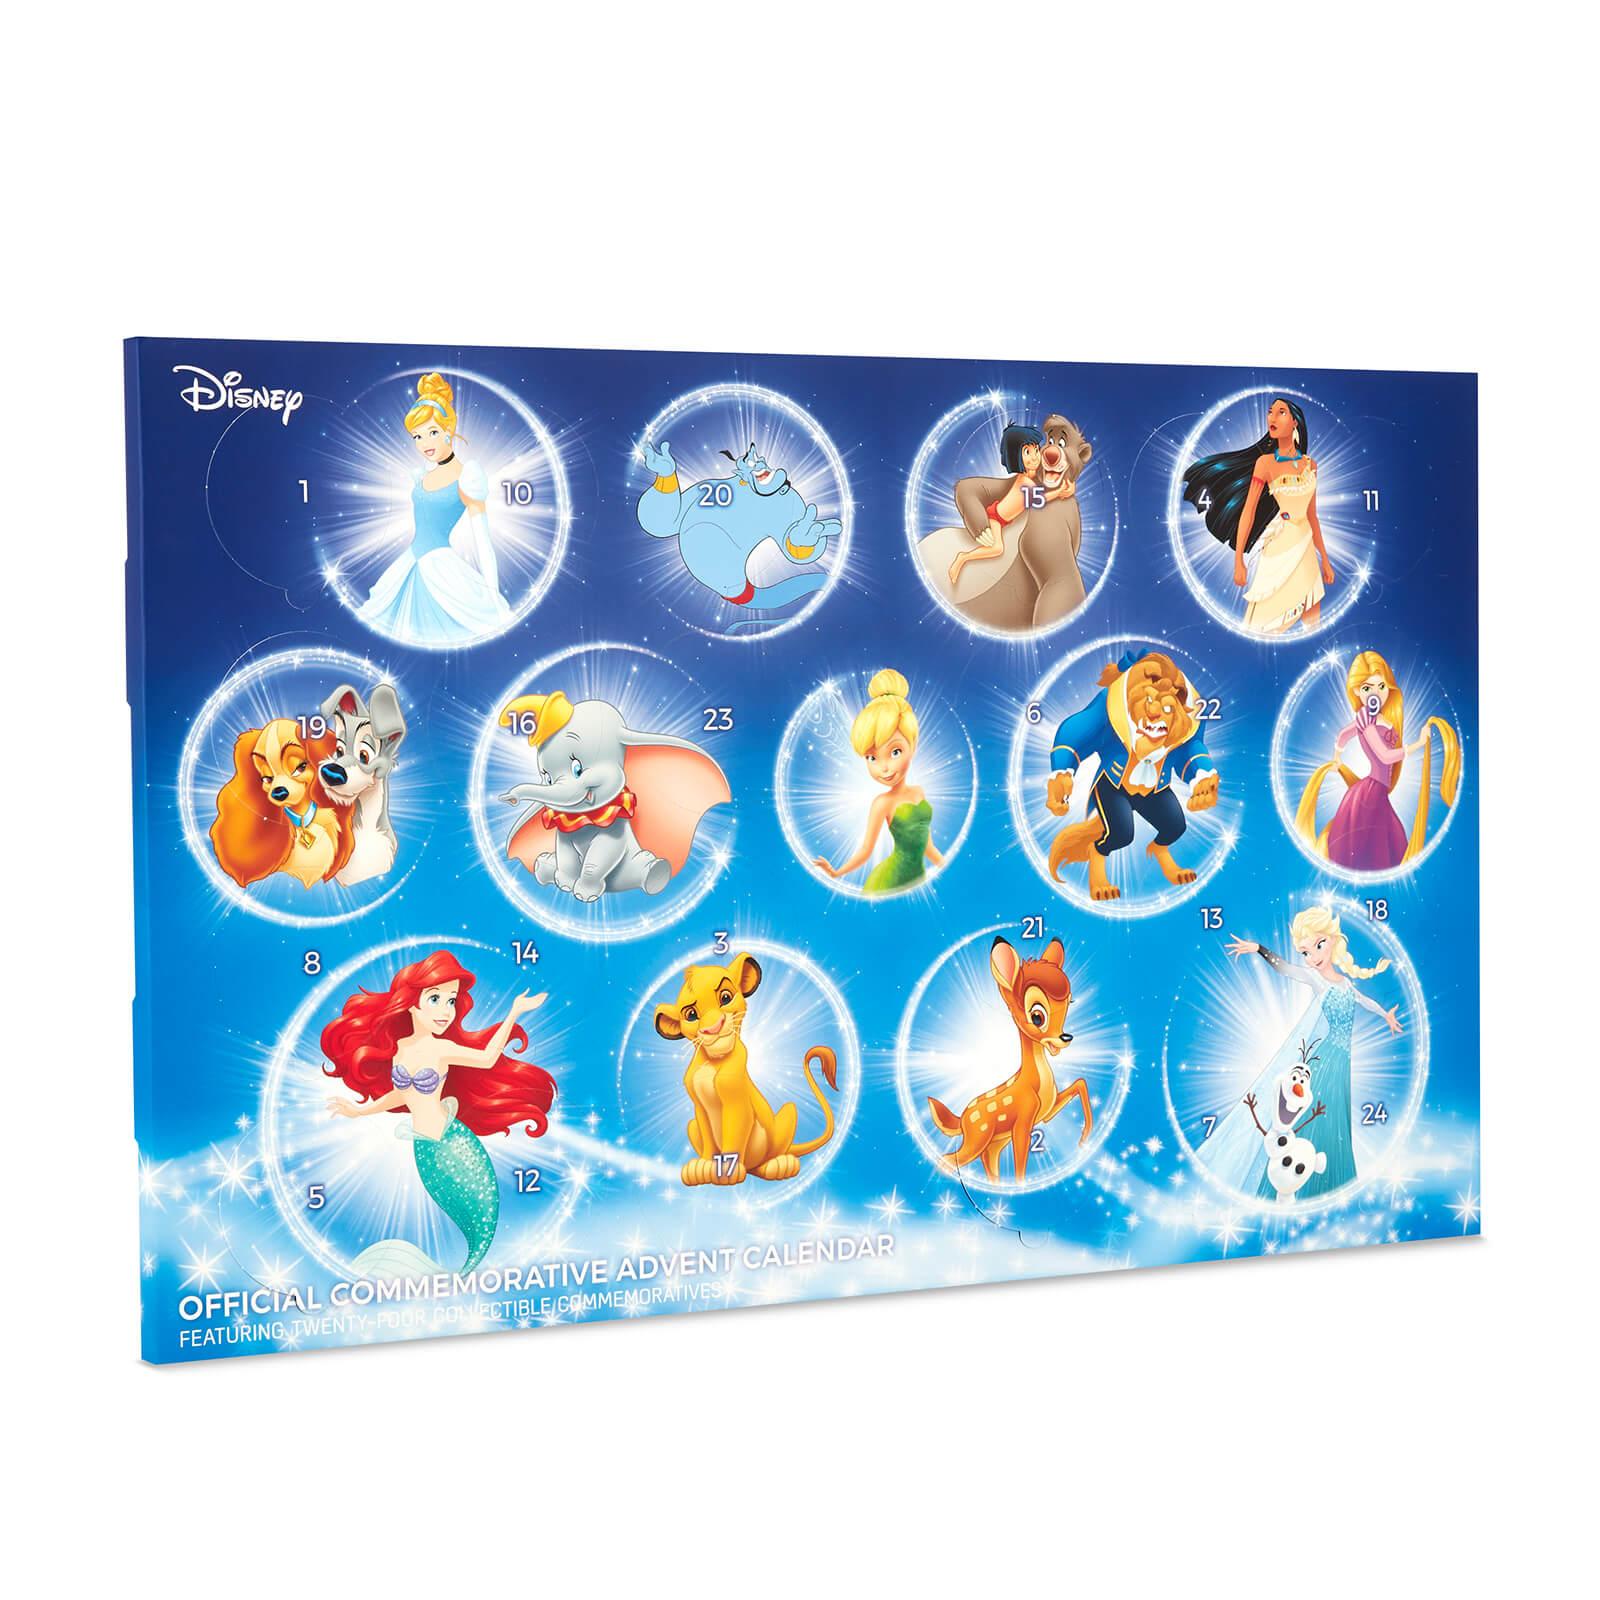 Disney Sammlermünzen Adventskalender Limitierte Edition Nur 5000